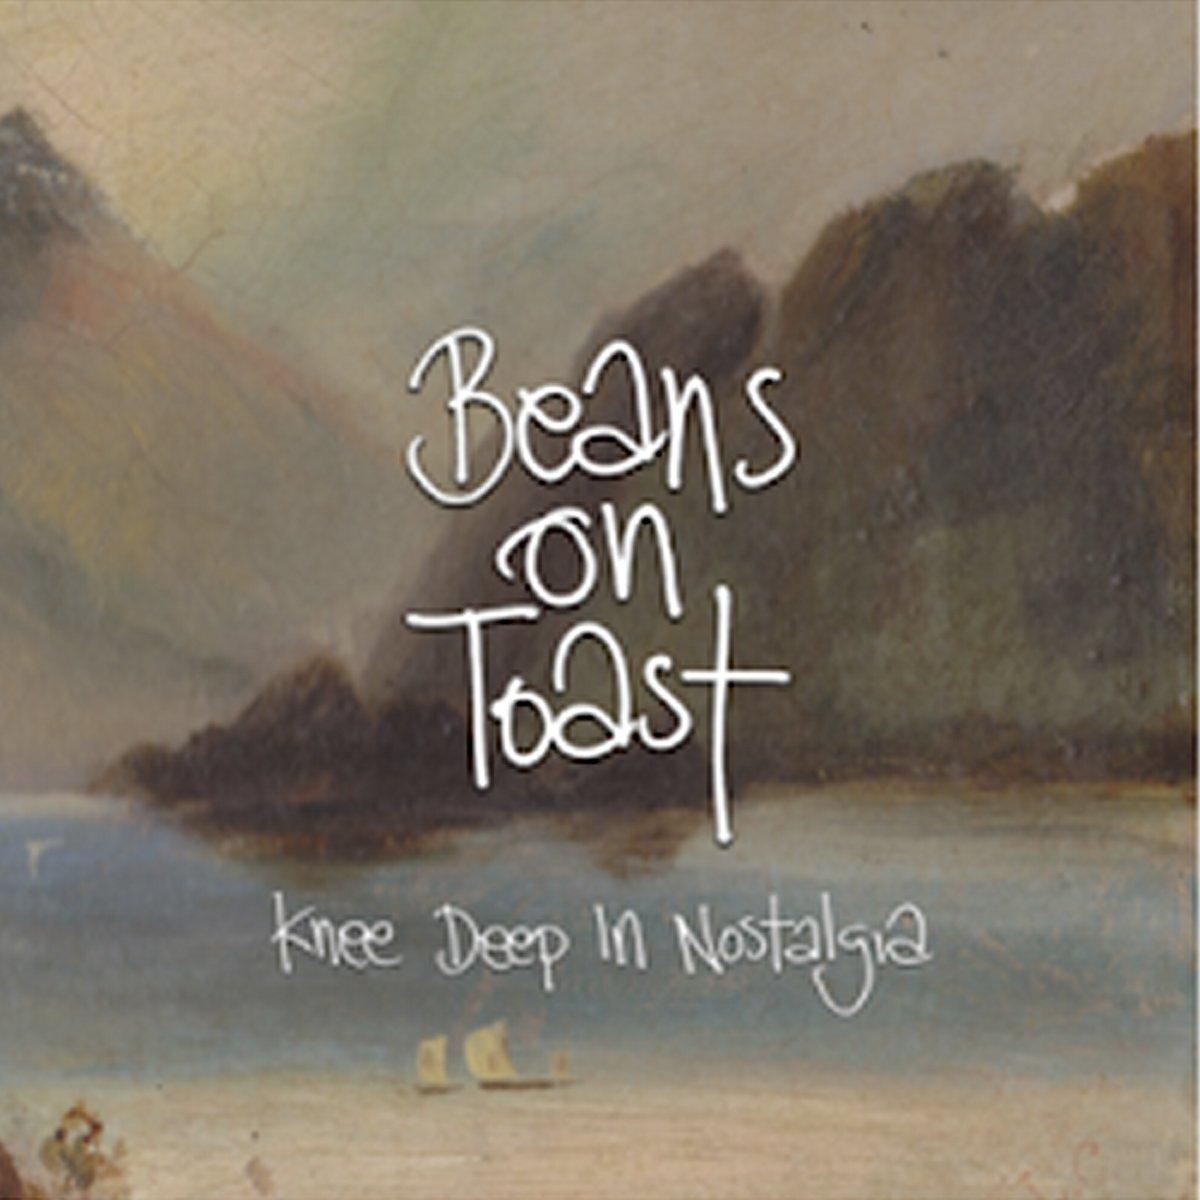 Beans on Toast Knee Deep inNostalgia